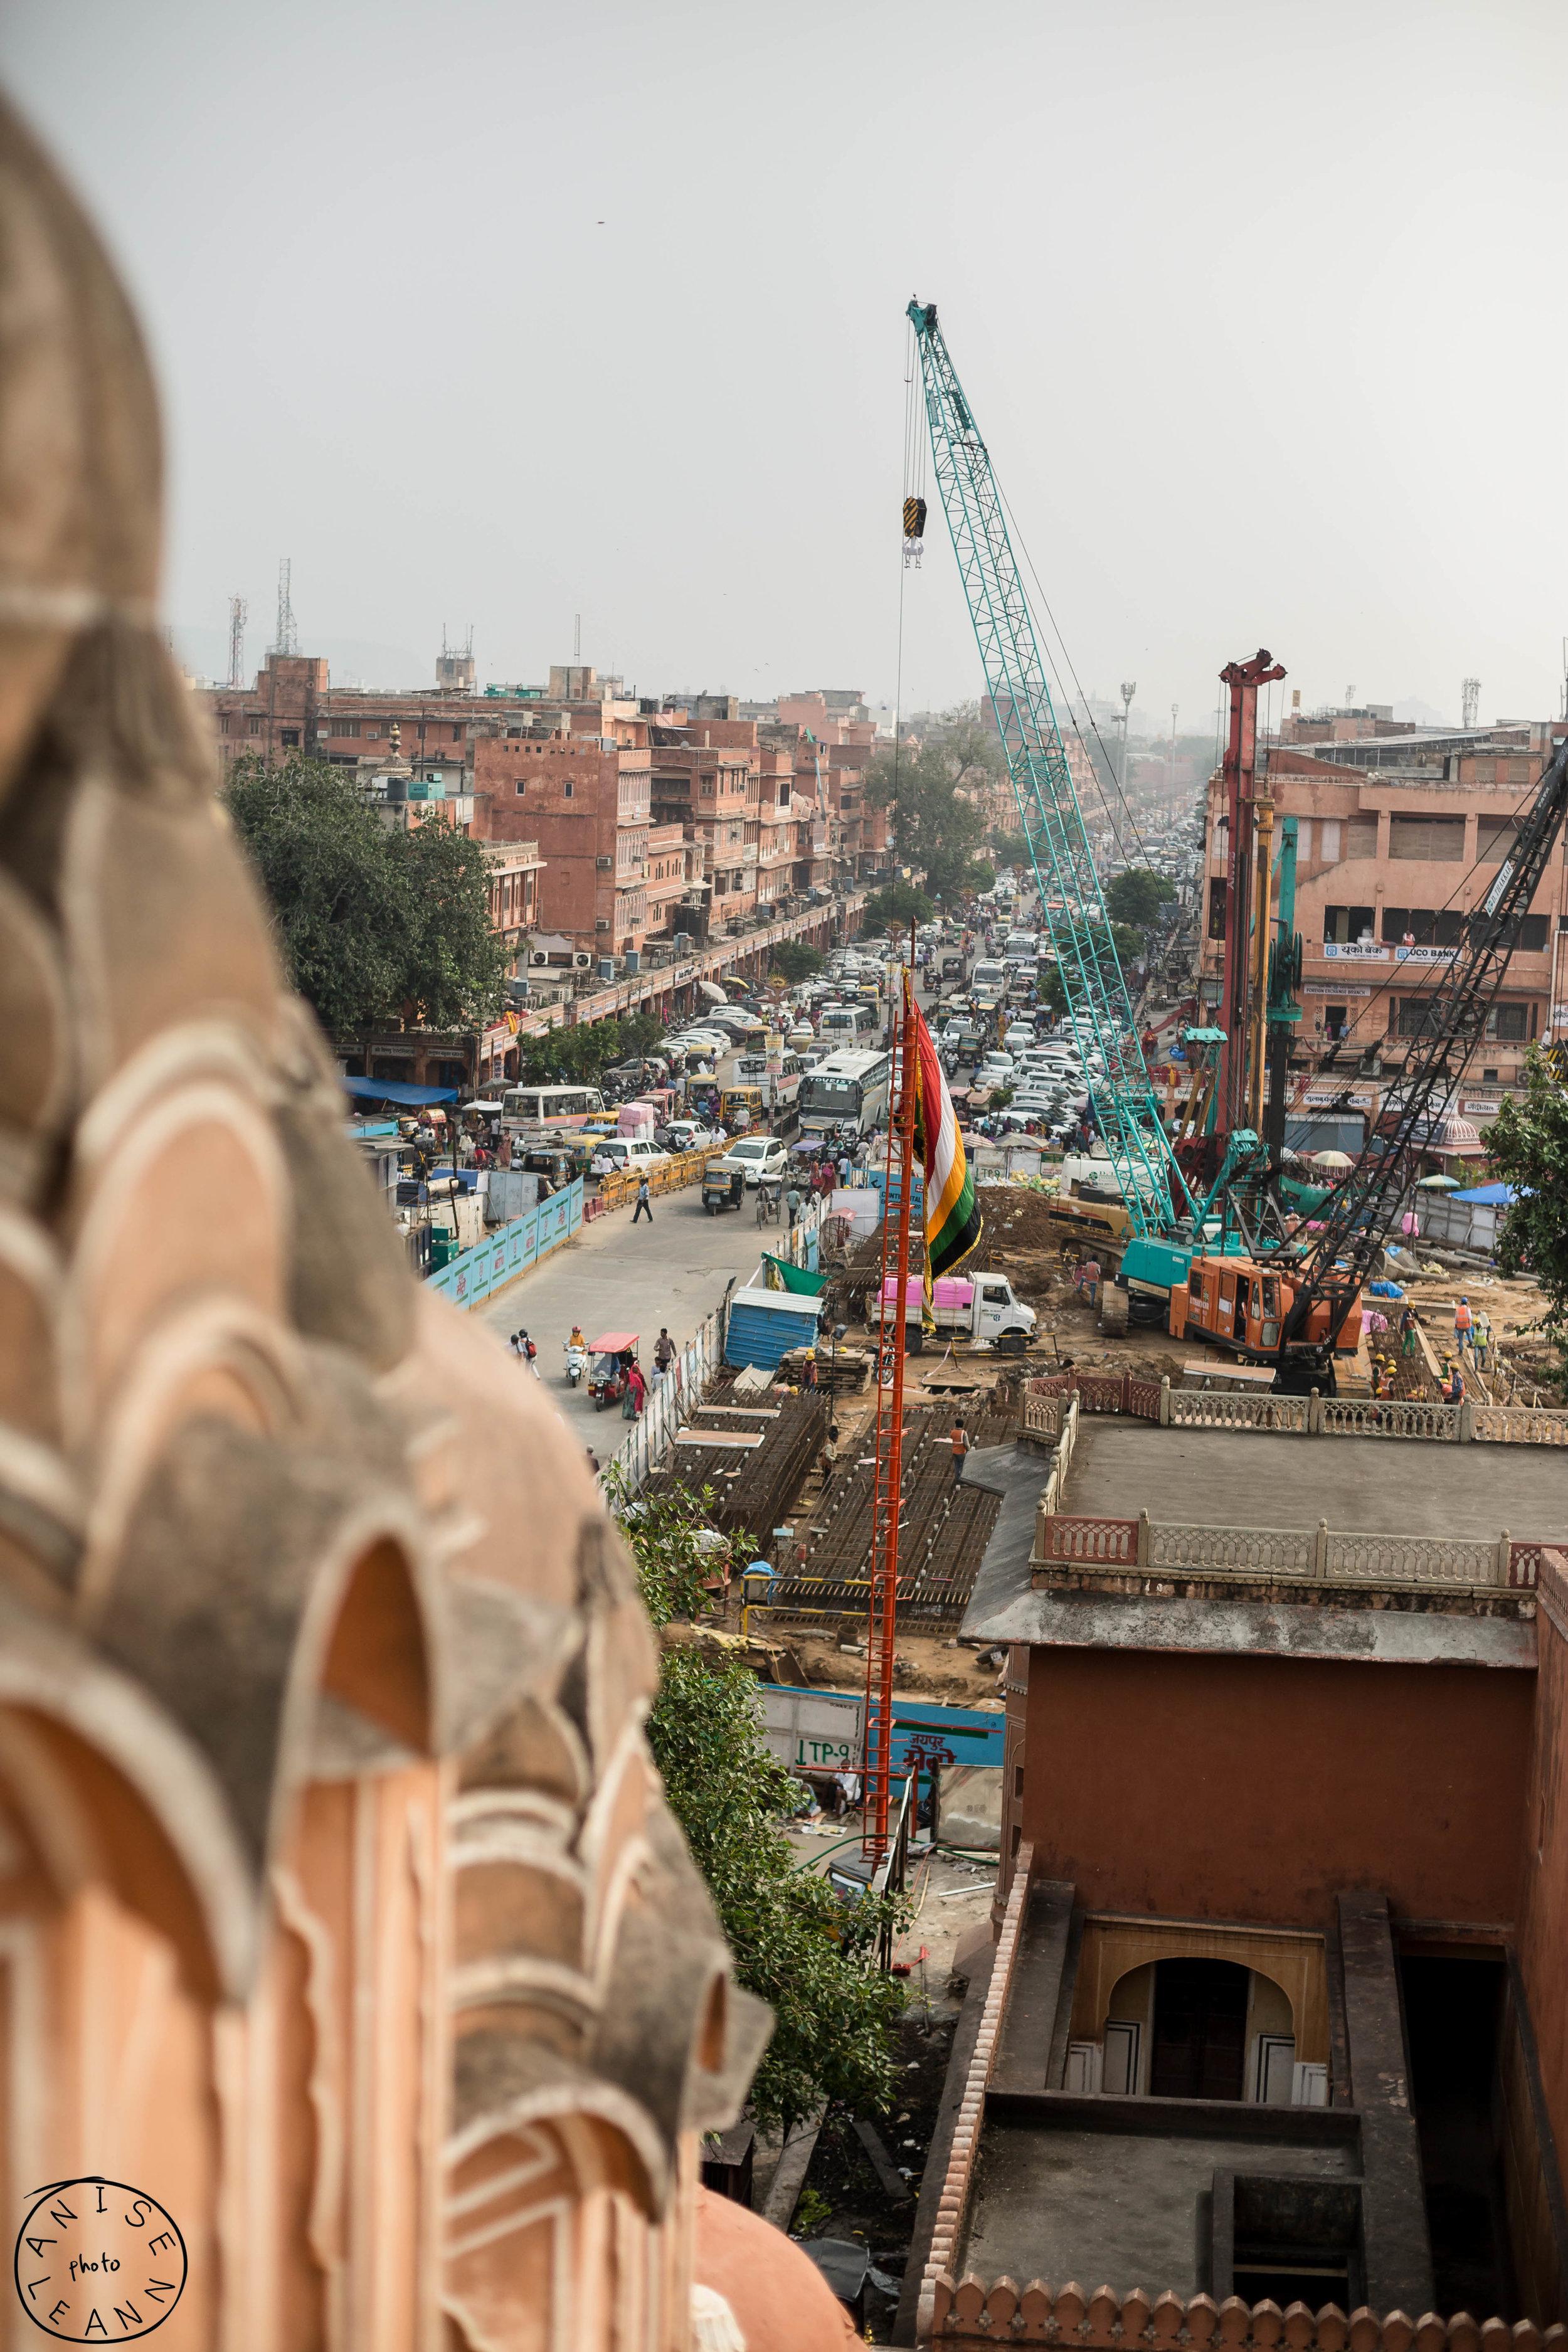 India-Jaipur-Day1-83.jpg